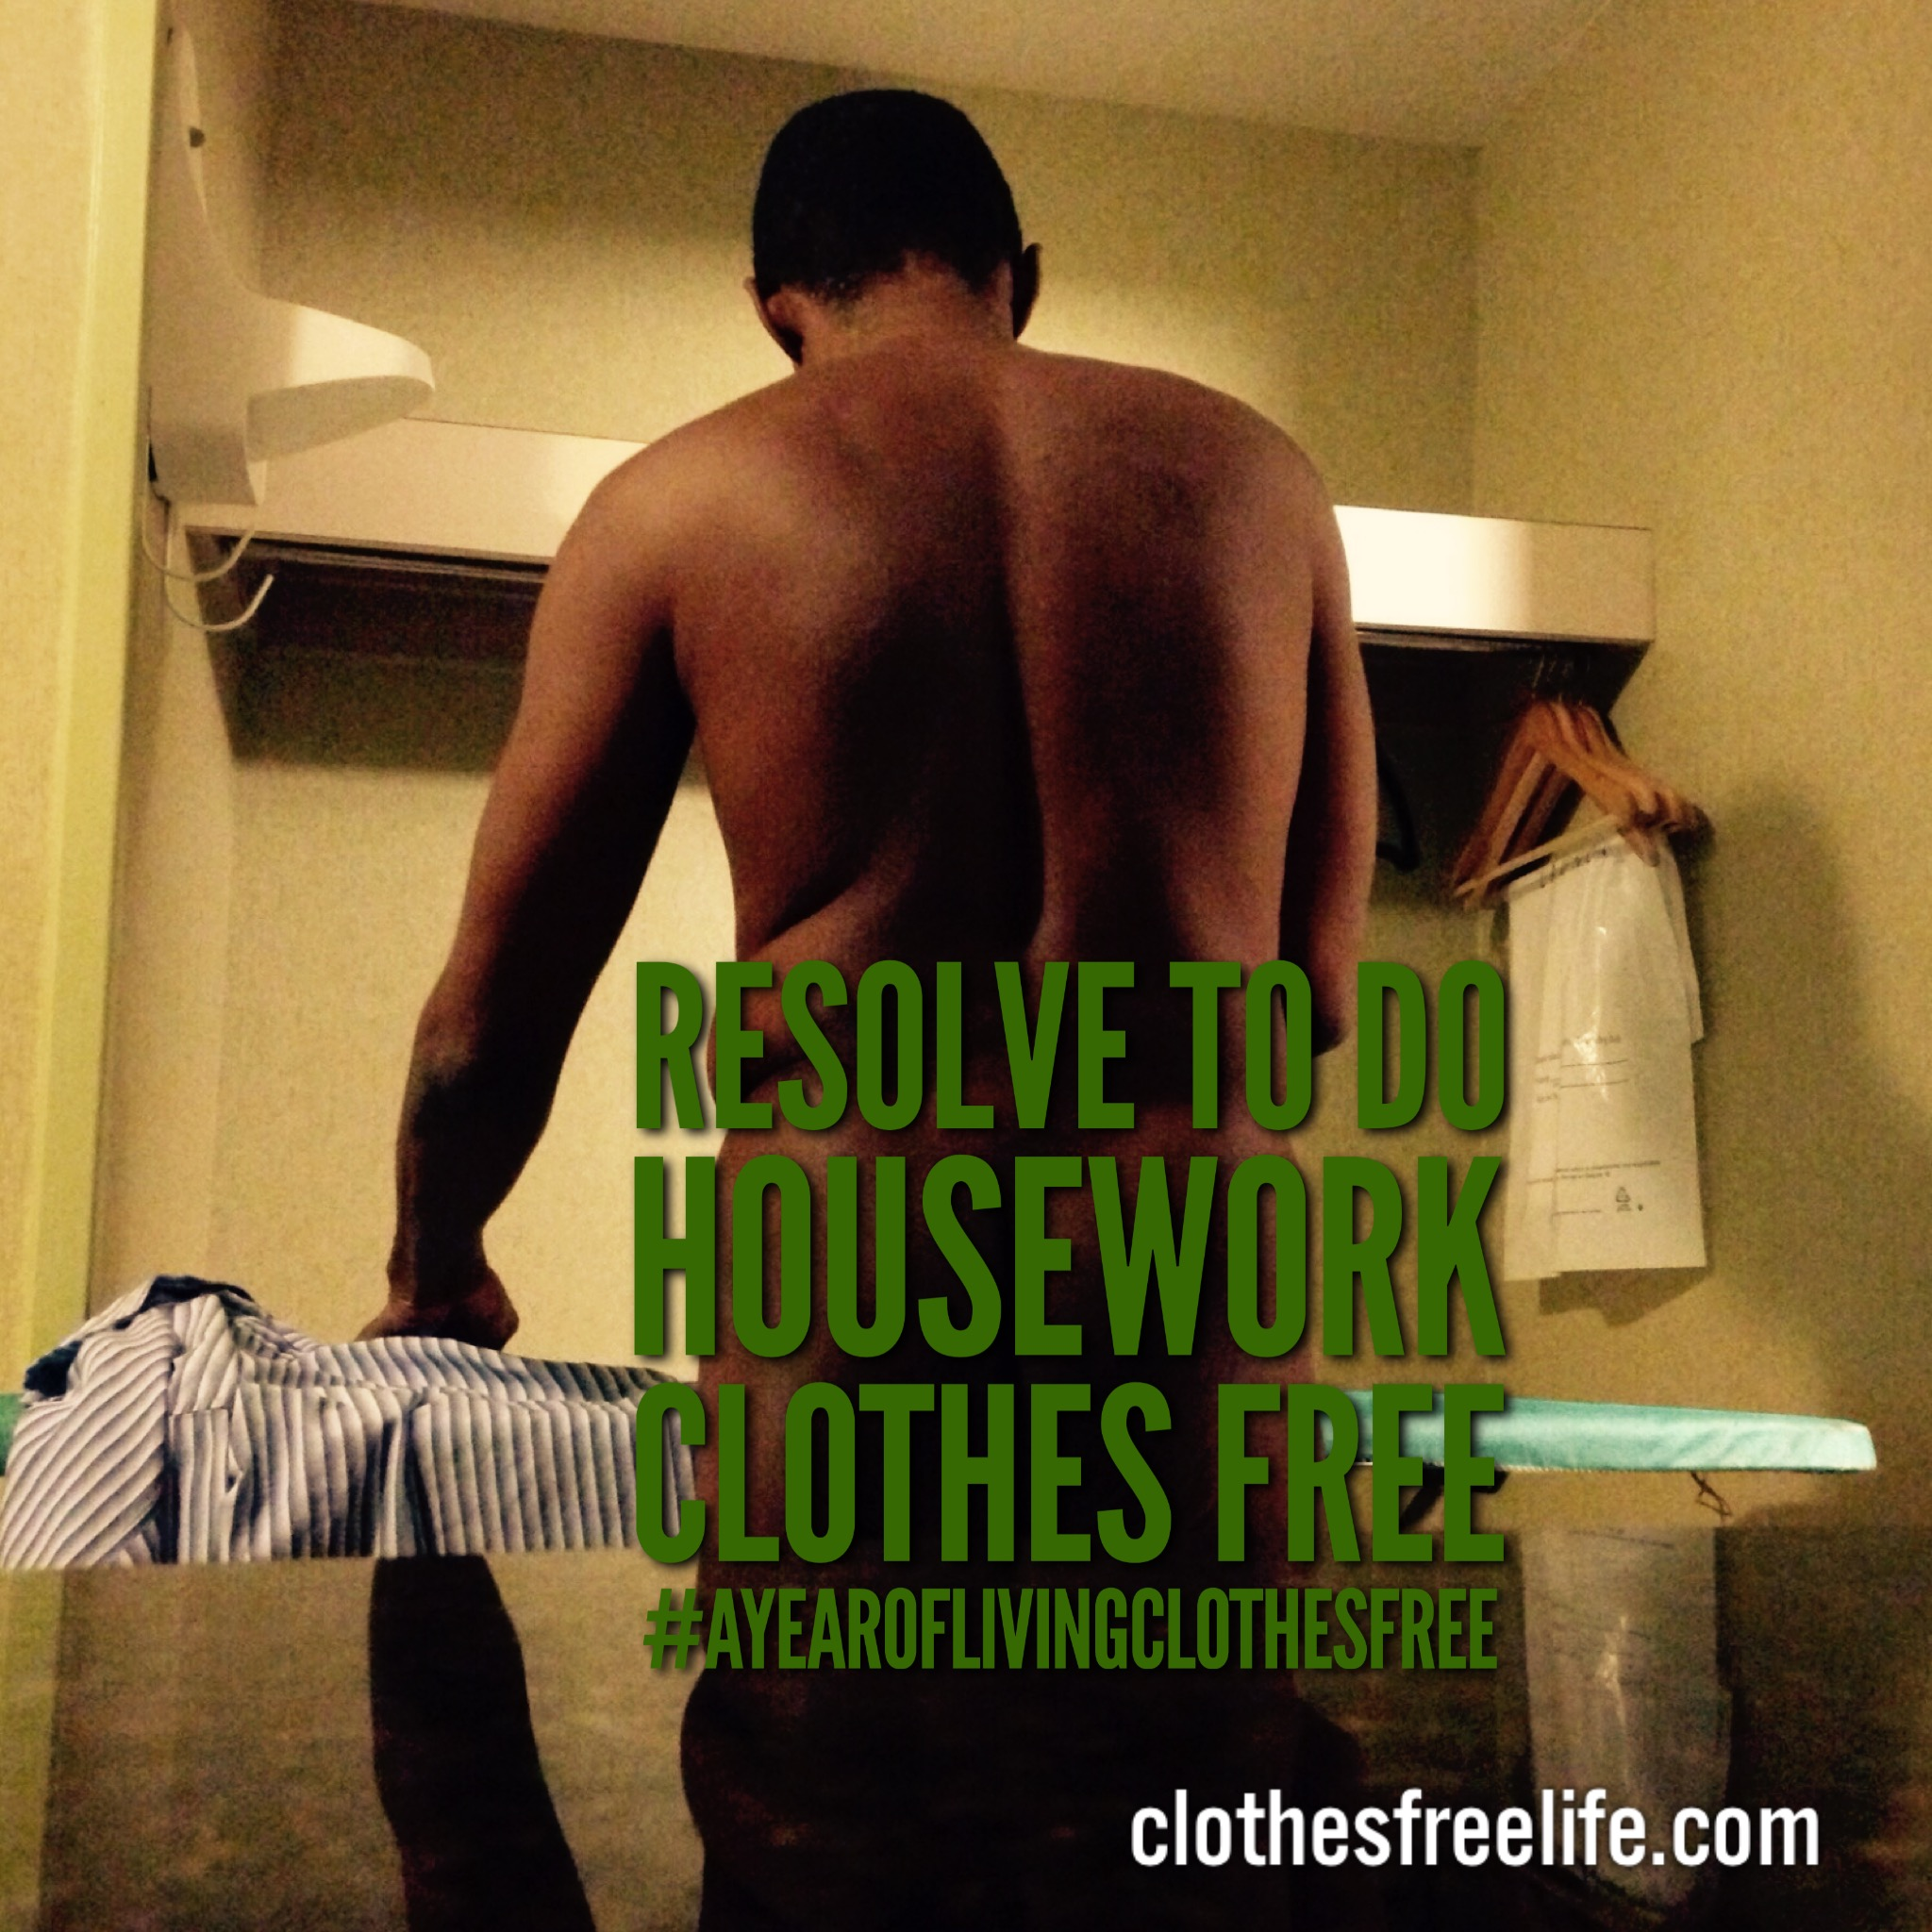 Iron clothes free